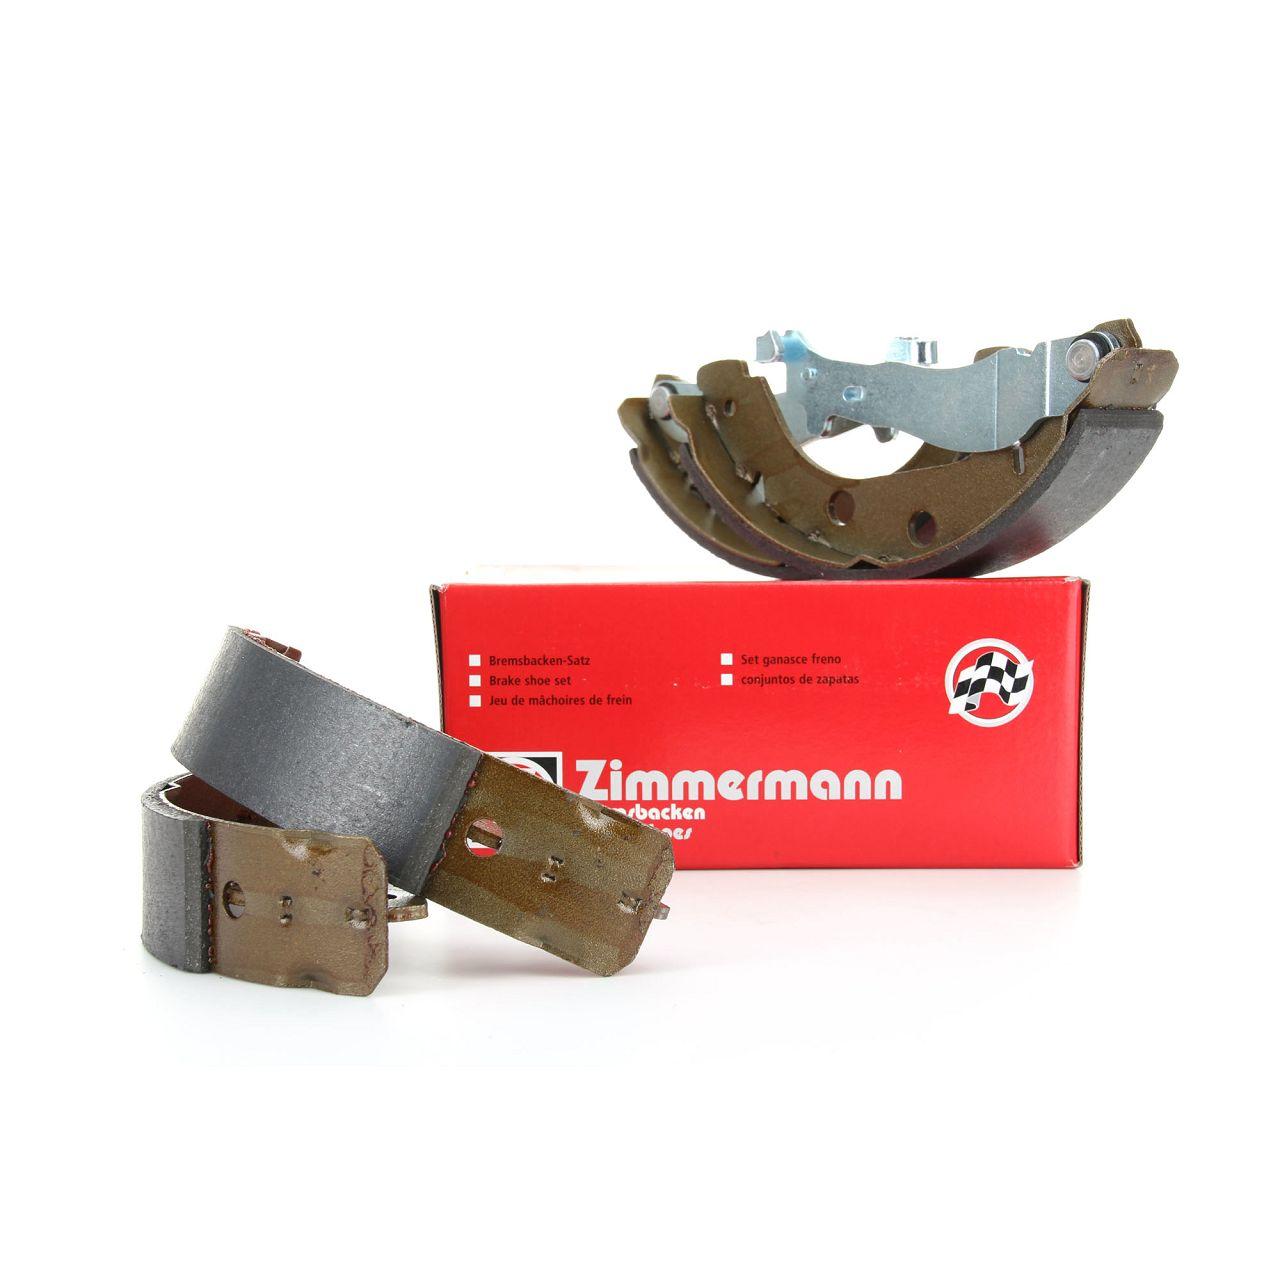 ZIMMERMANN Bremsbacken Satz NISSAN Primera (P11) RENAULT Kangoo / Rapid